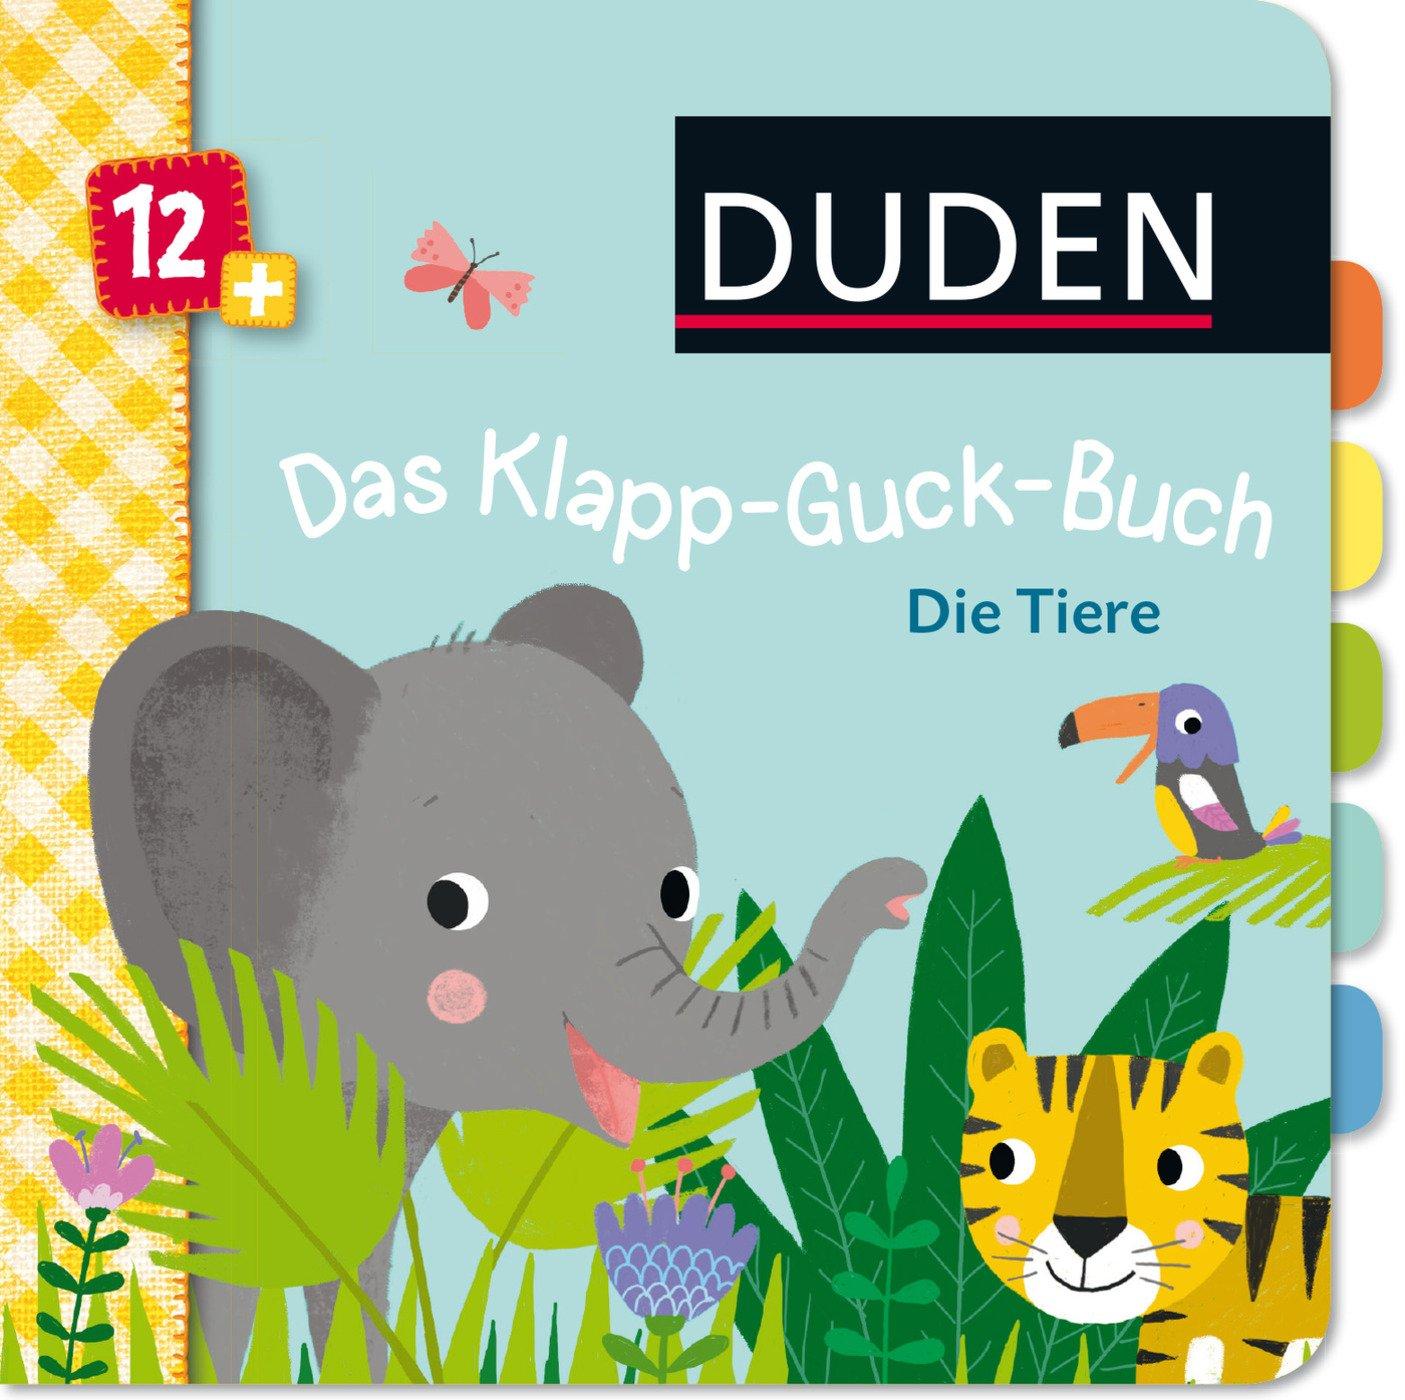 Tür duden  Duden 12+: Das Klapp-Guck-Buch: Die Tiere: ab 12 Monaten: Amazon ...